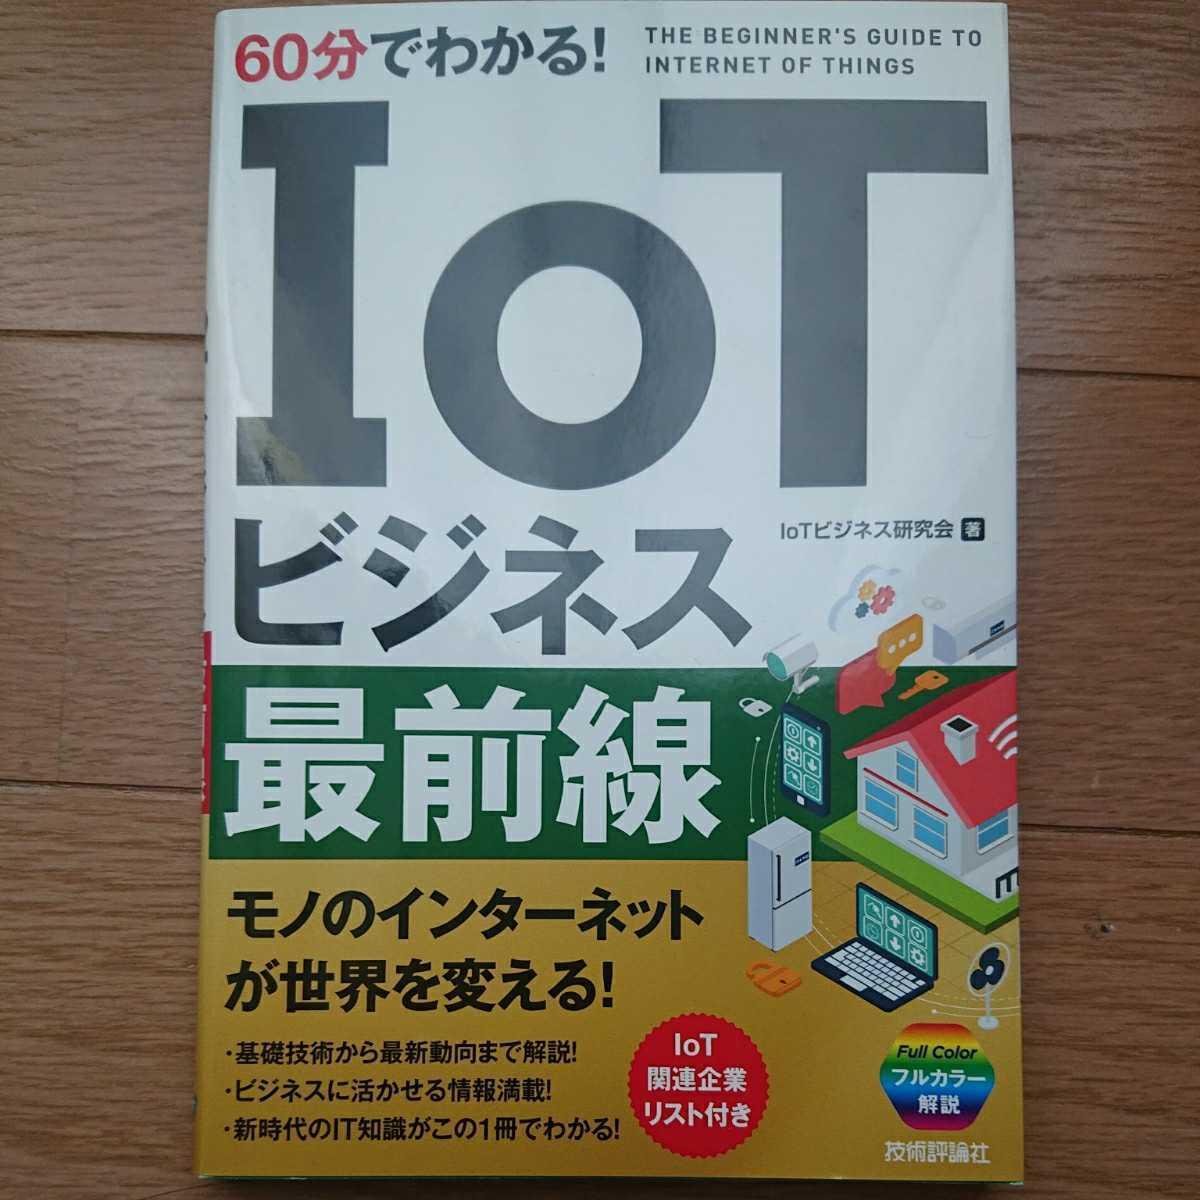 60分でわかる!IoTビジネス最前線 IoTビジネス研究会著 技術評論社